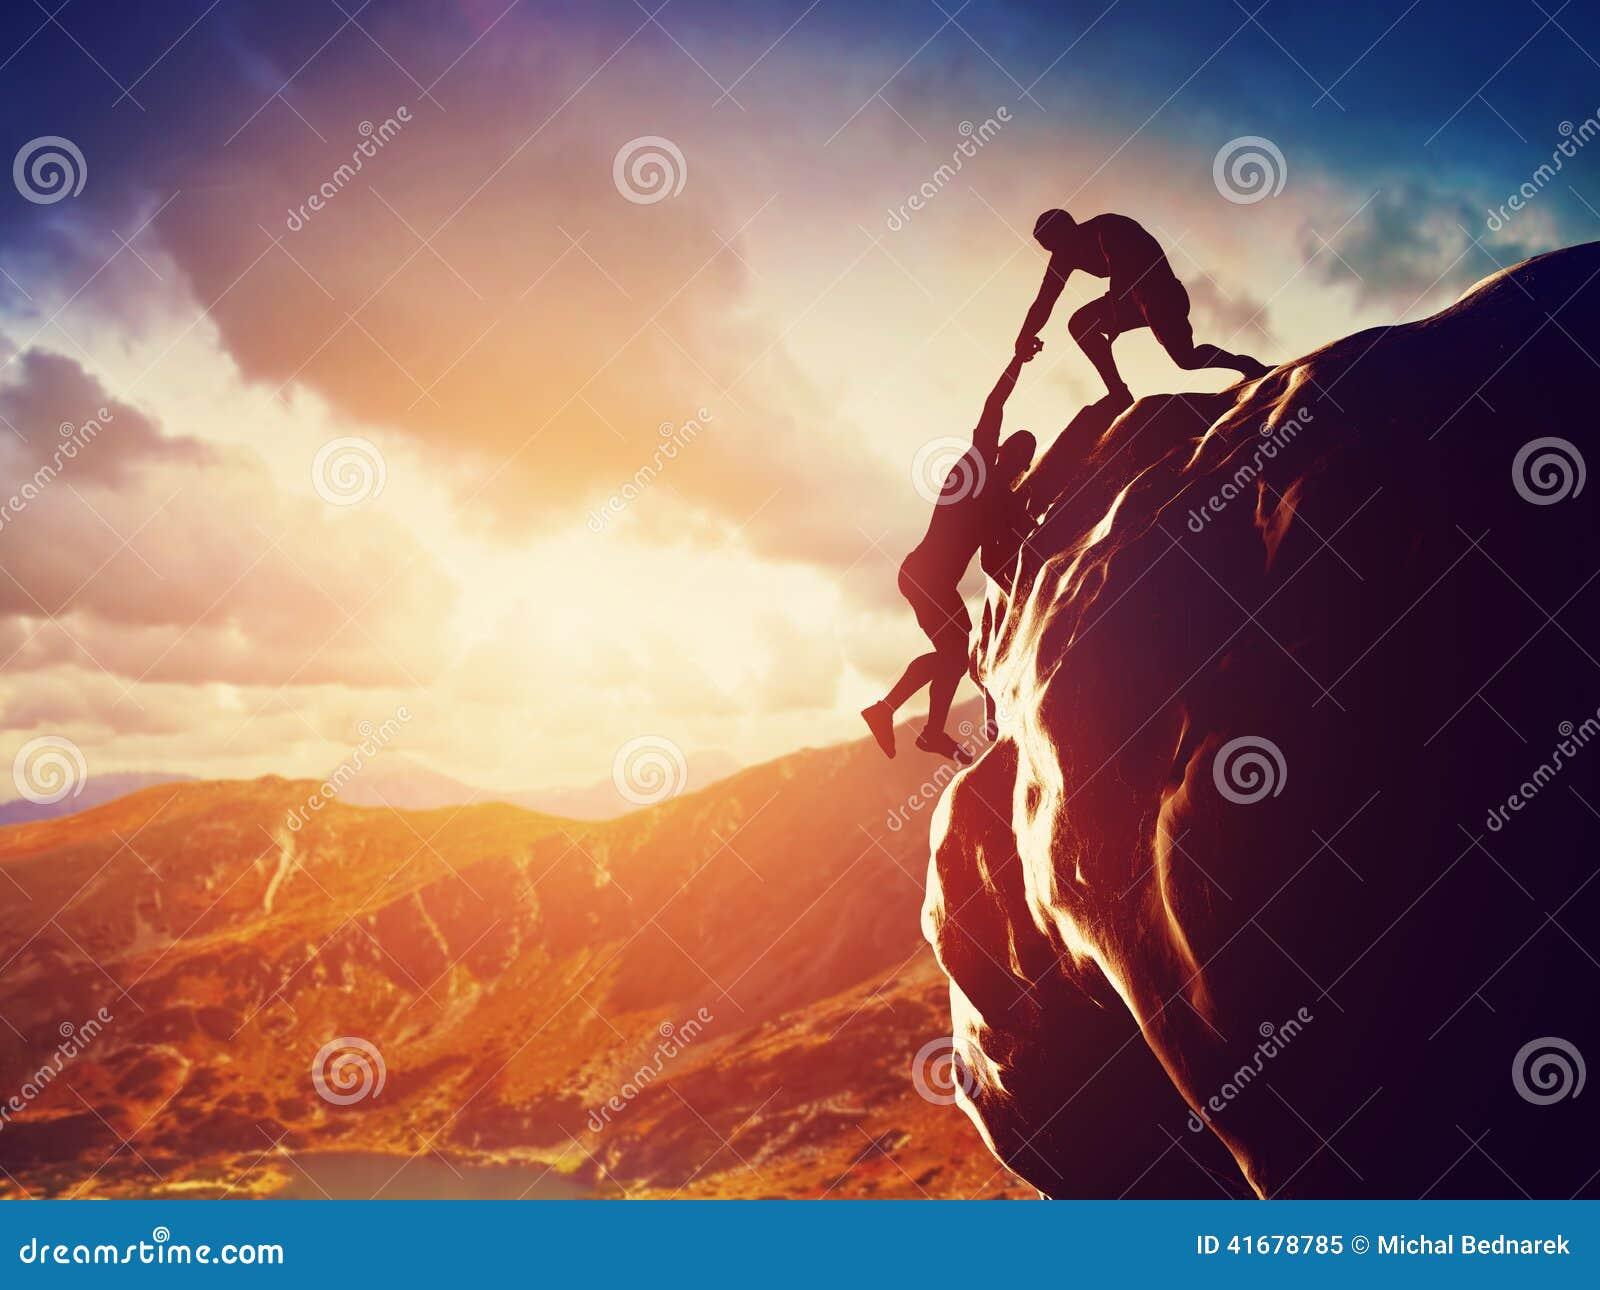 Wandelaars die op rots beklimmen, hand geven en helpen te beklimmen